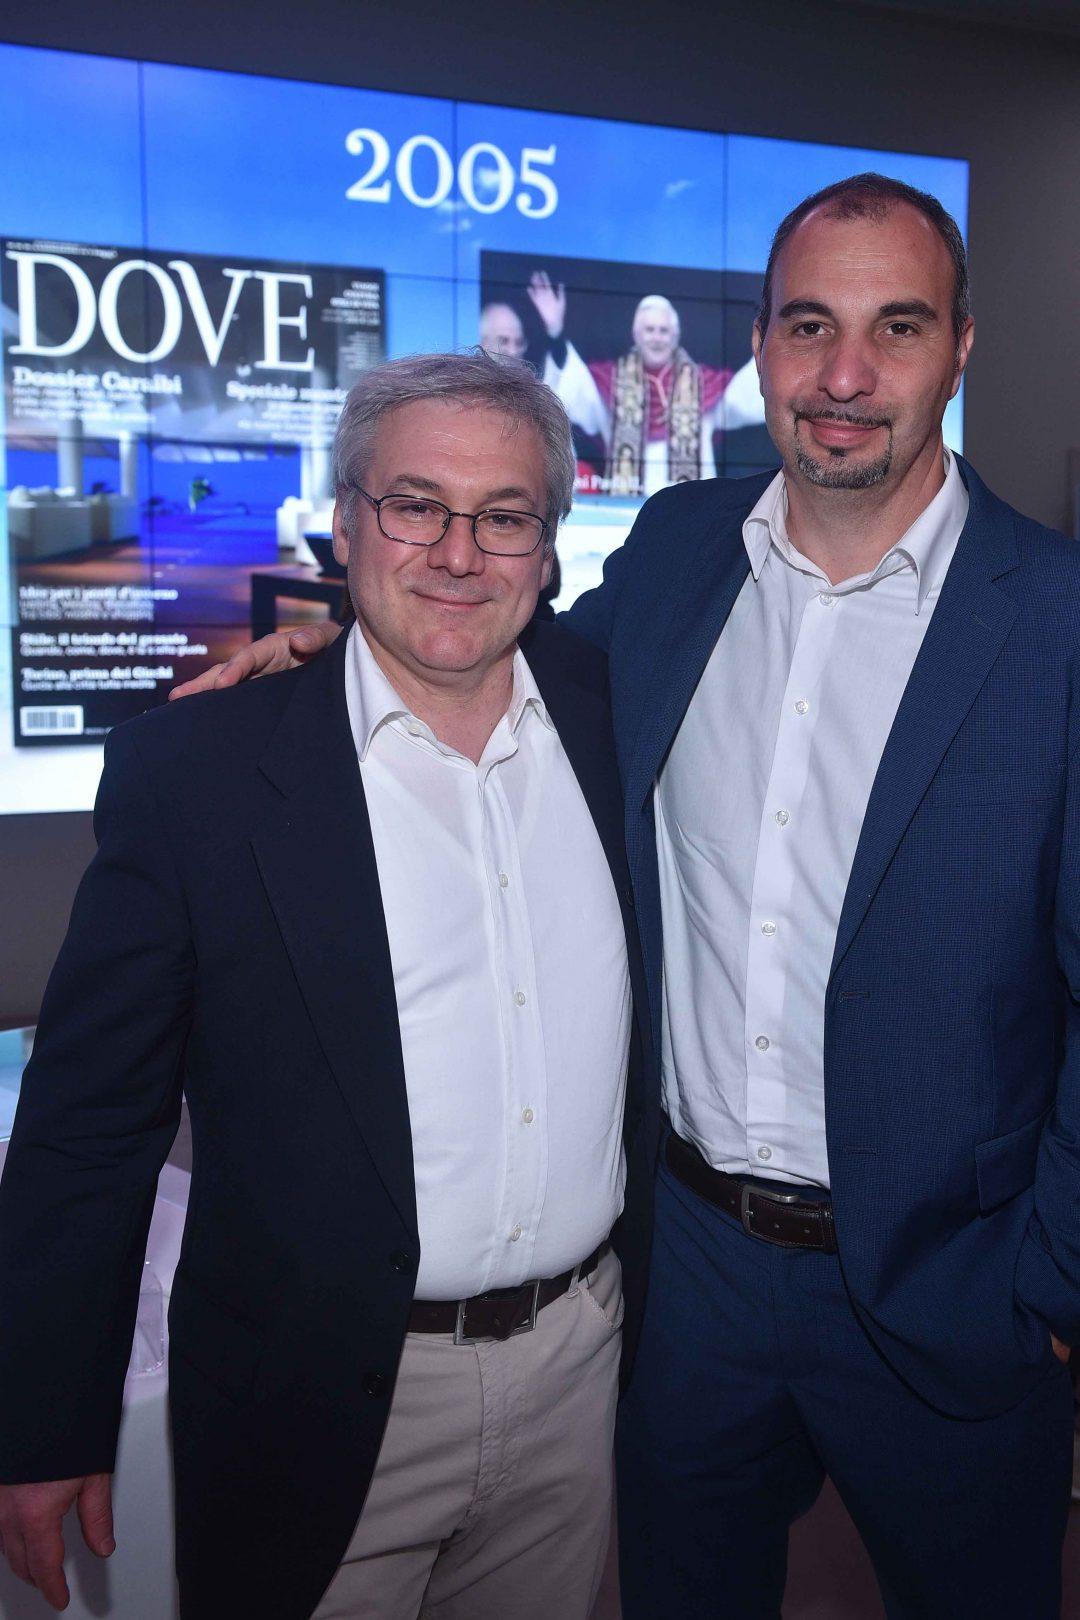 La festa dei 25 anni di DOVE